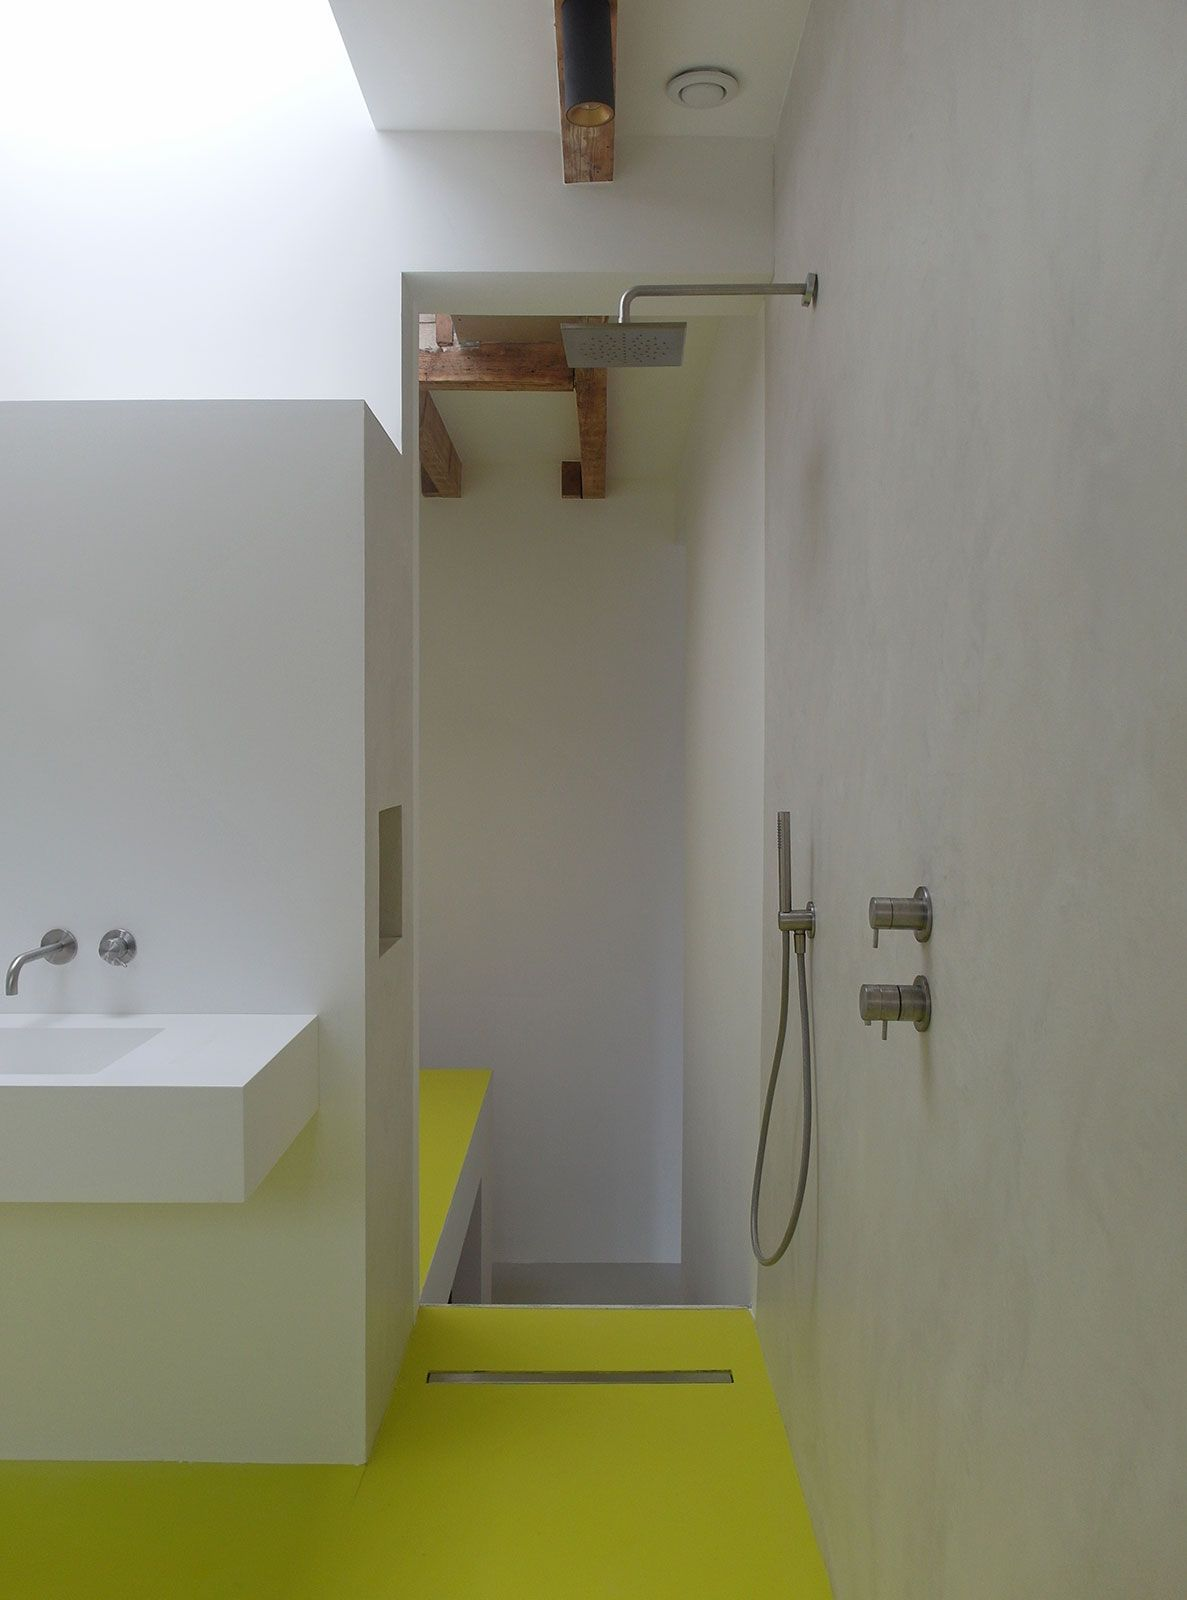 Gietvloer badkamer Amsterdam in 2018 | gietvloer | Pinterest ...